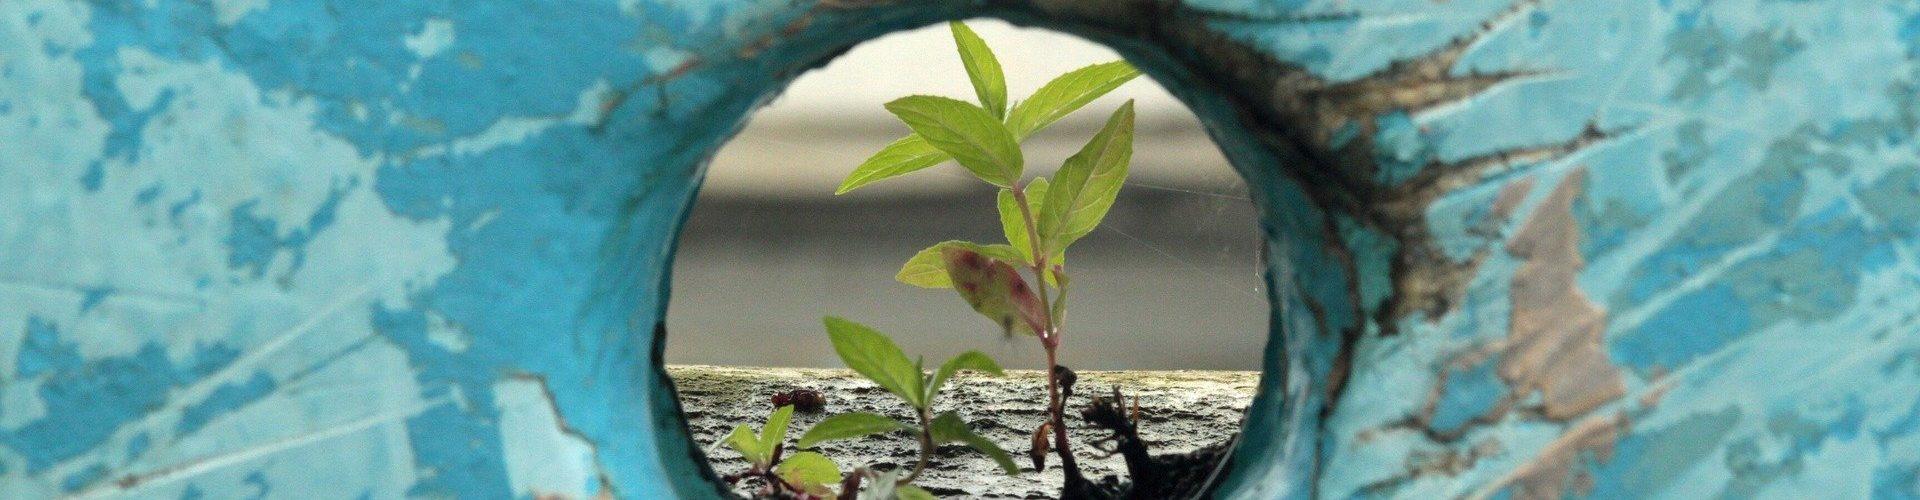 Resilienza: risalire sulla barca rovesciata | Mele Vanessa Psicoterapeuta Bologna Anzola Valsamoggia Calcara